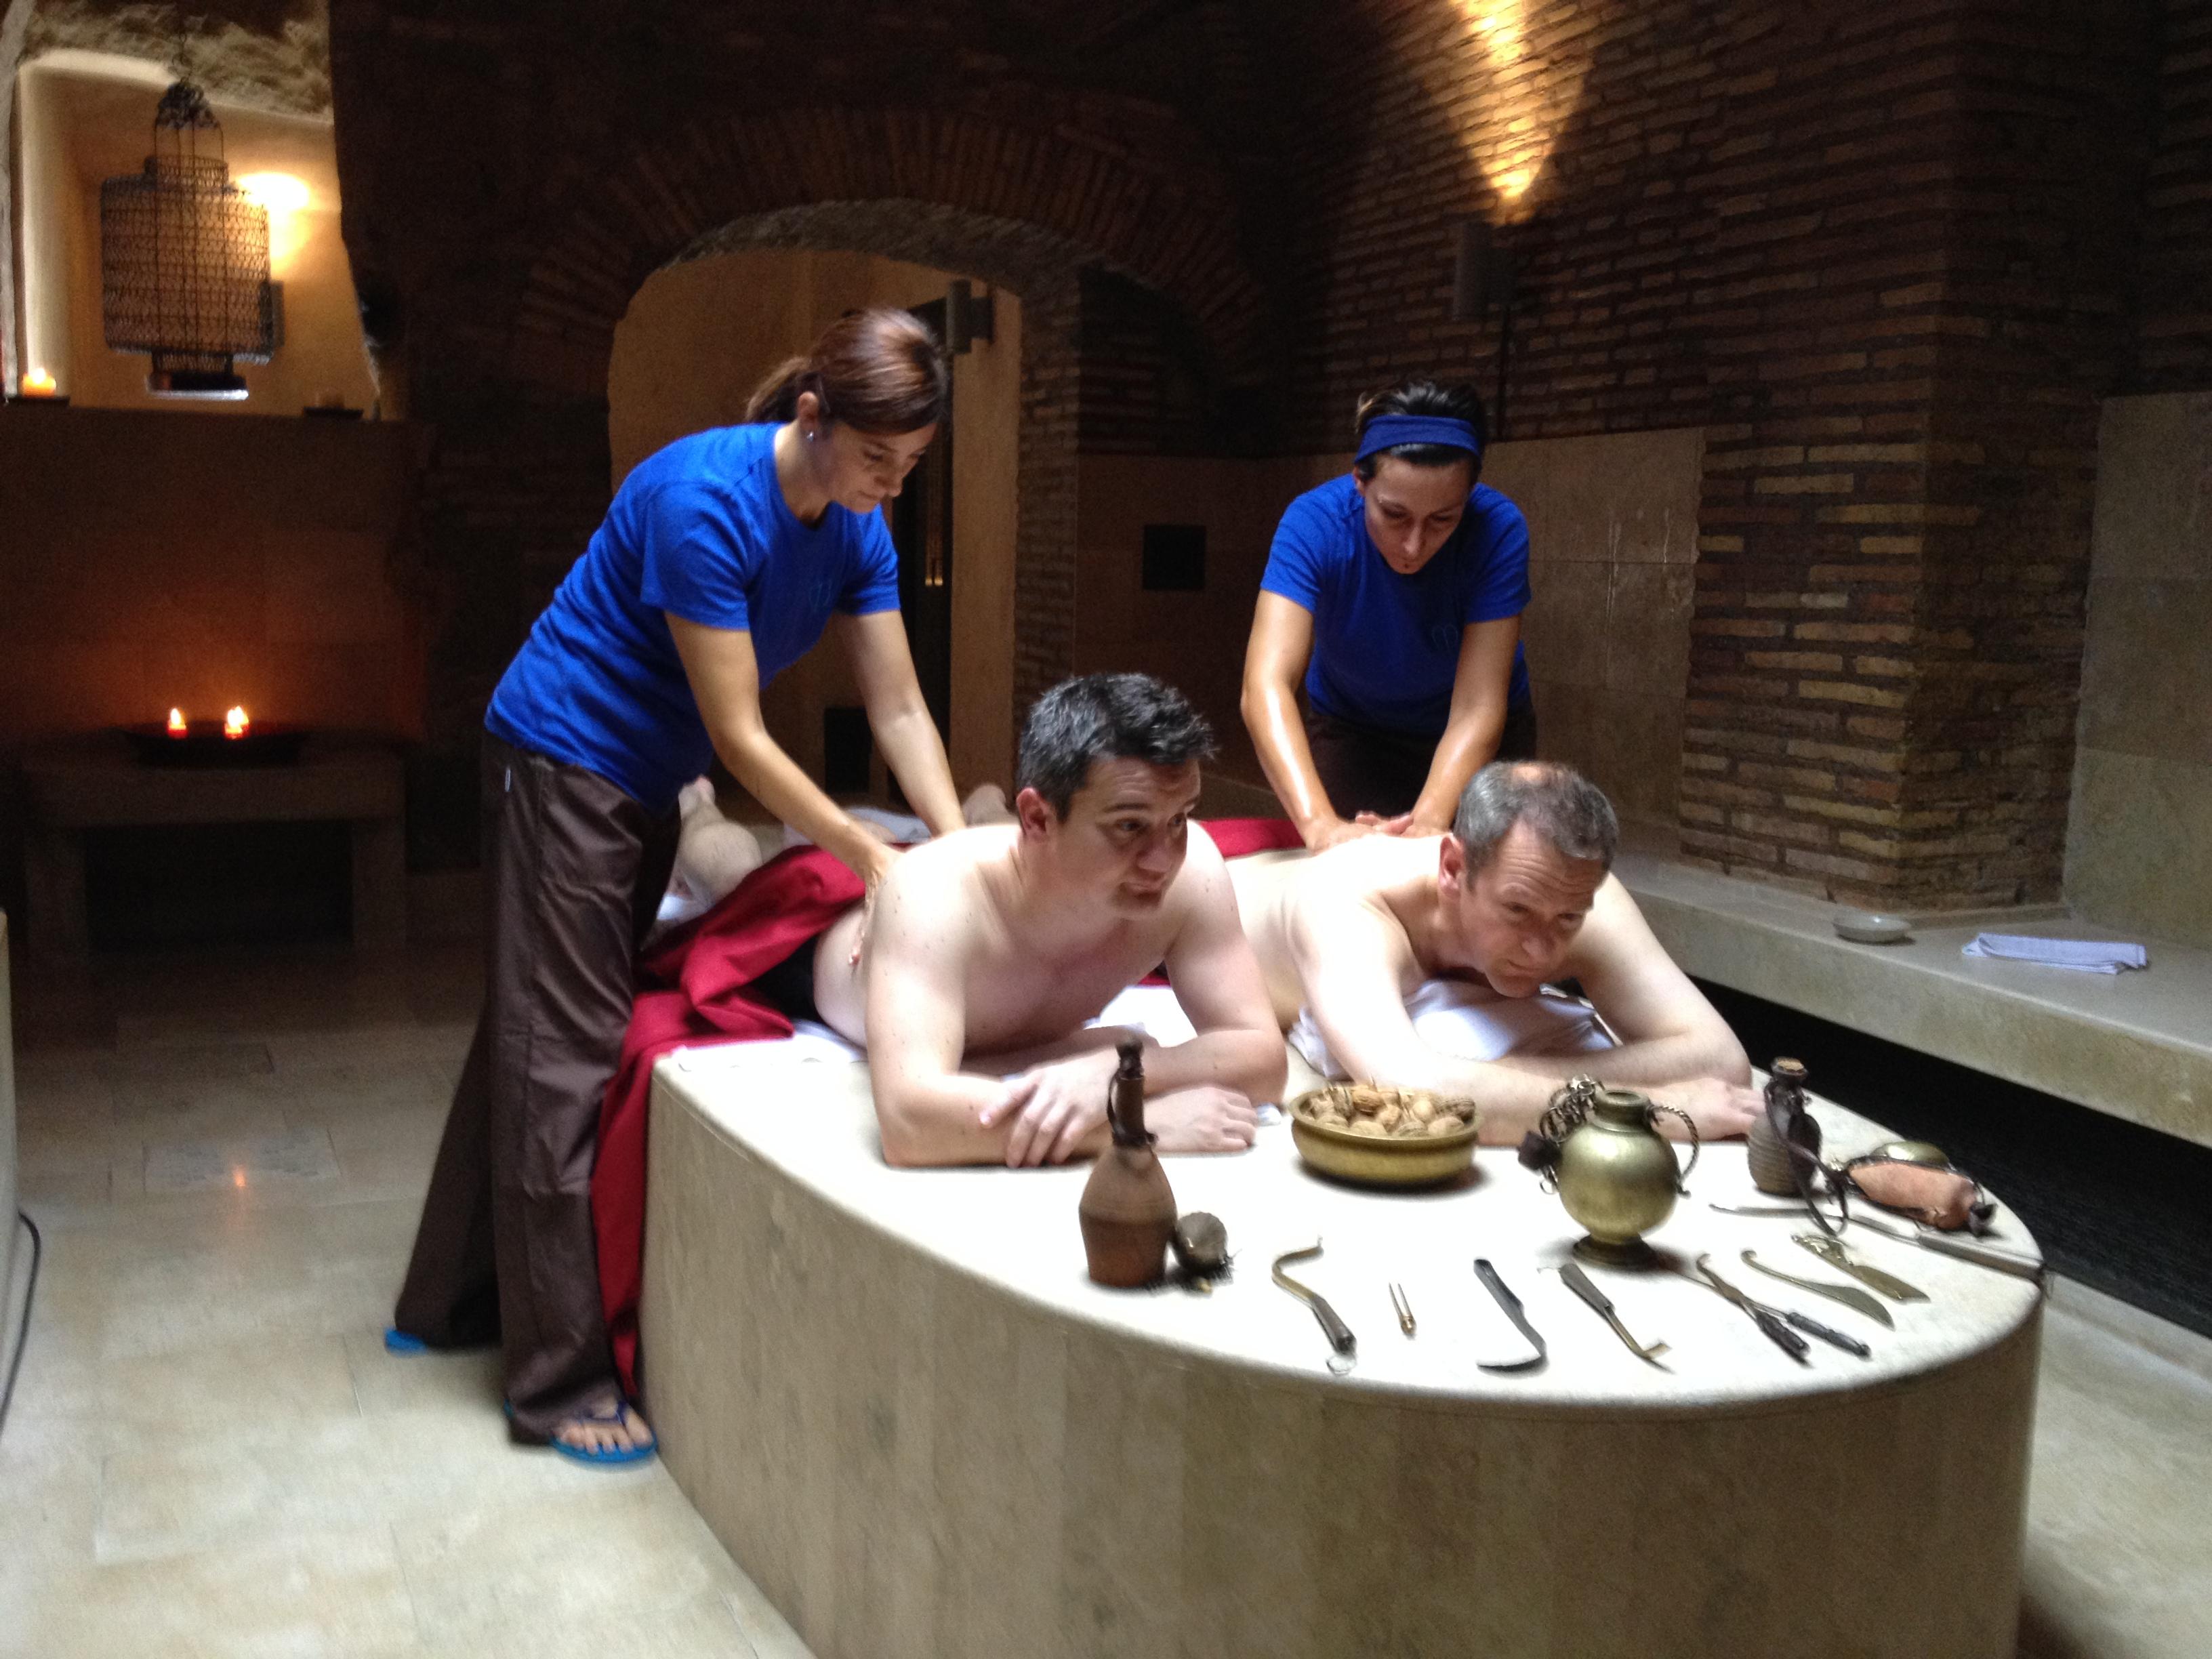 Strigils, hot walnuts and a Roman bath. - The News Room